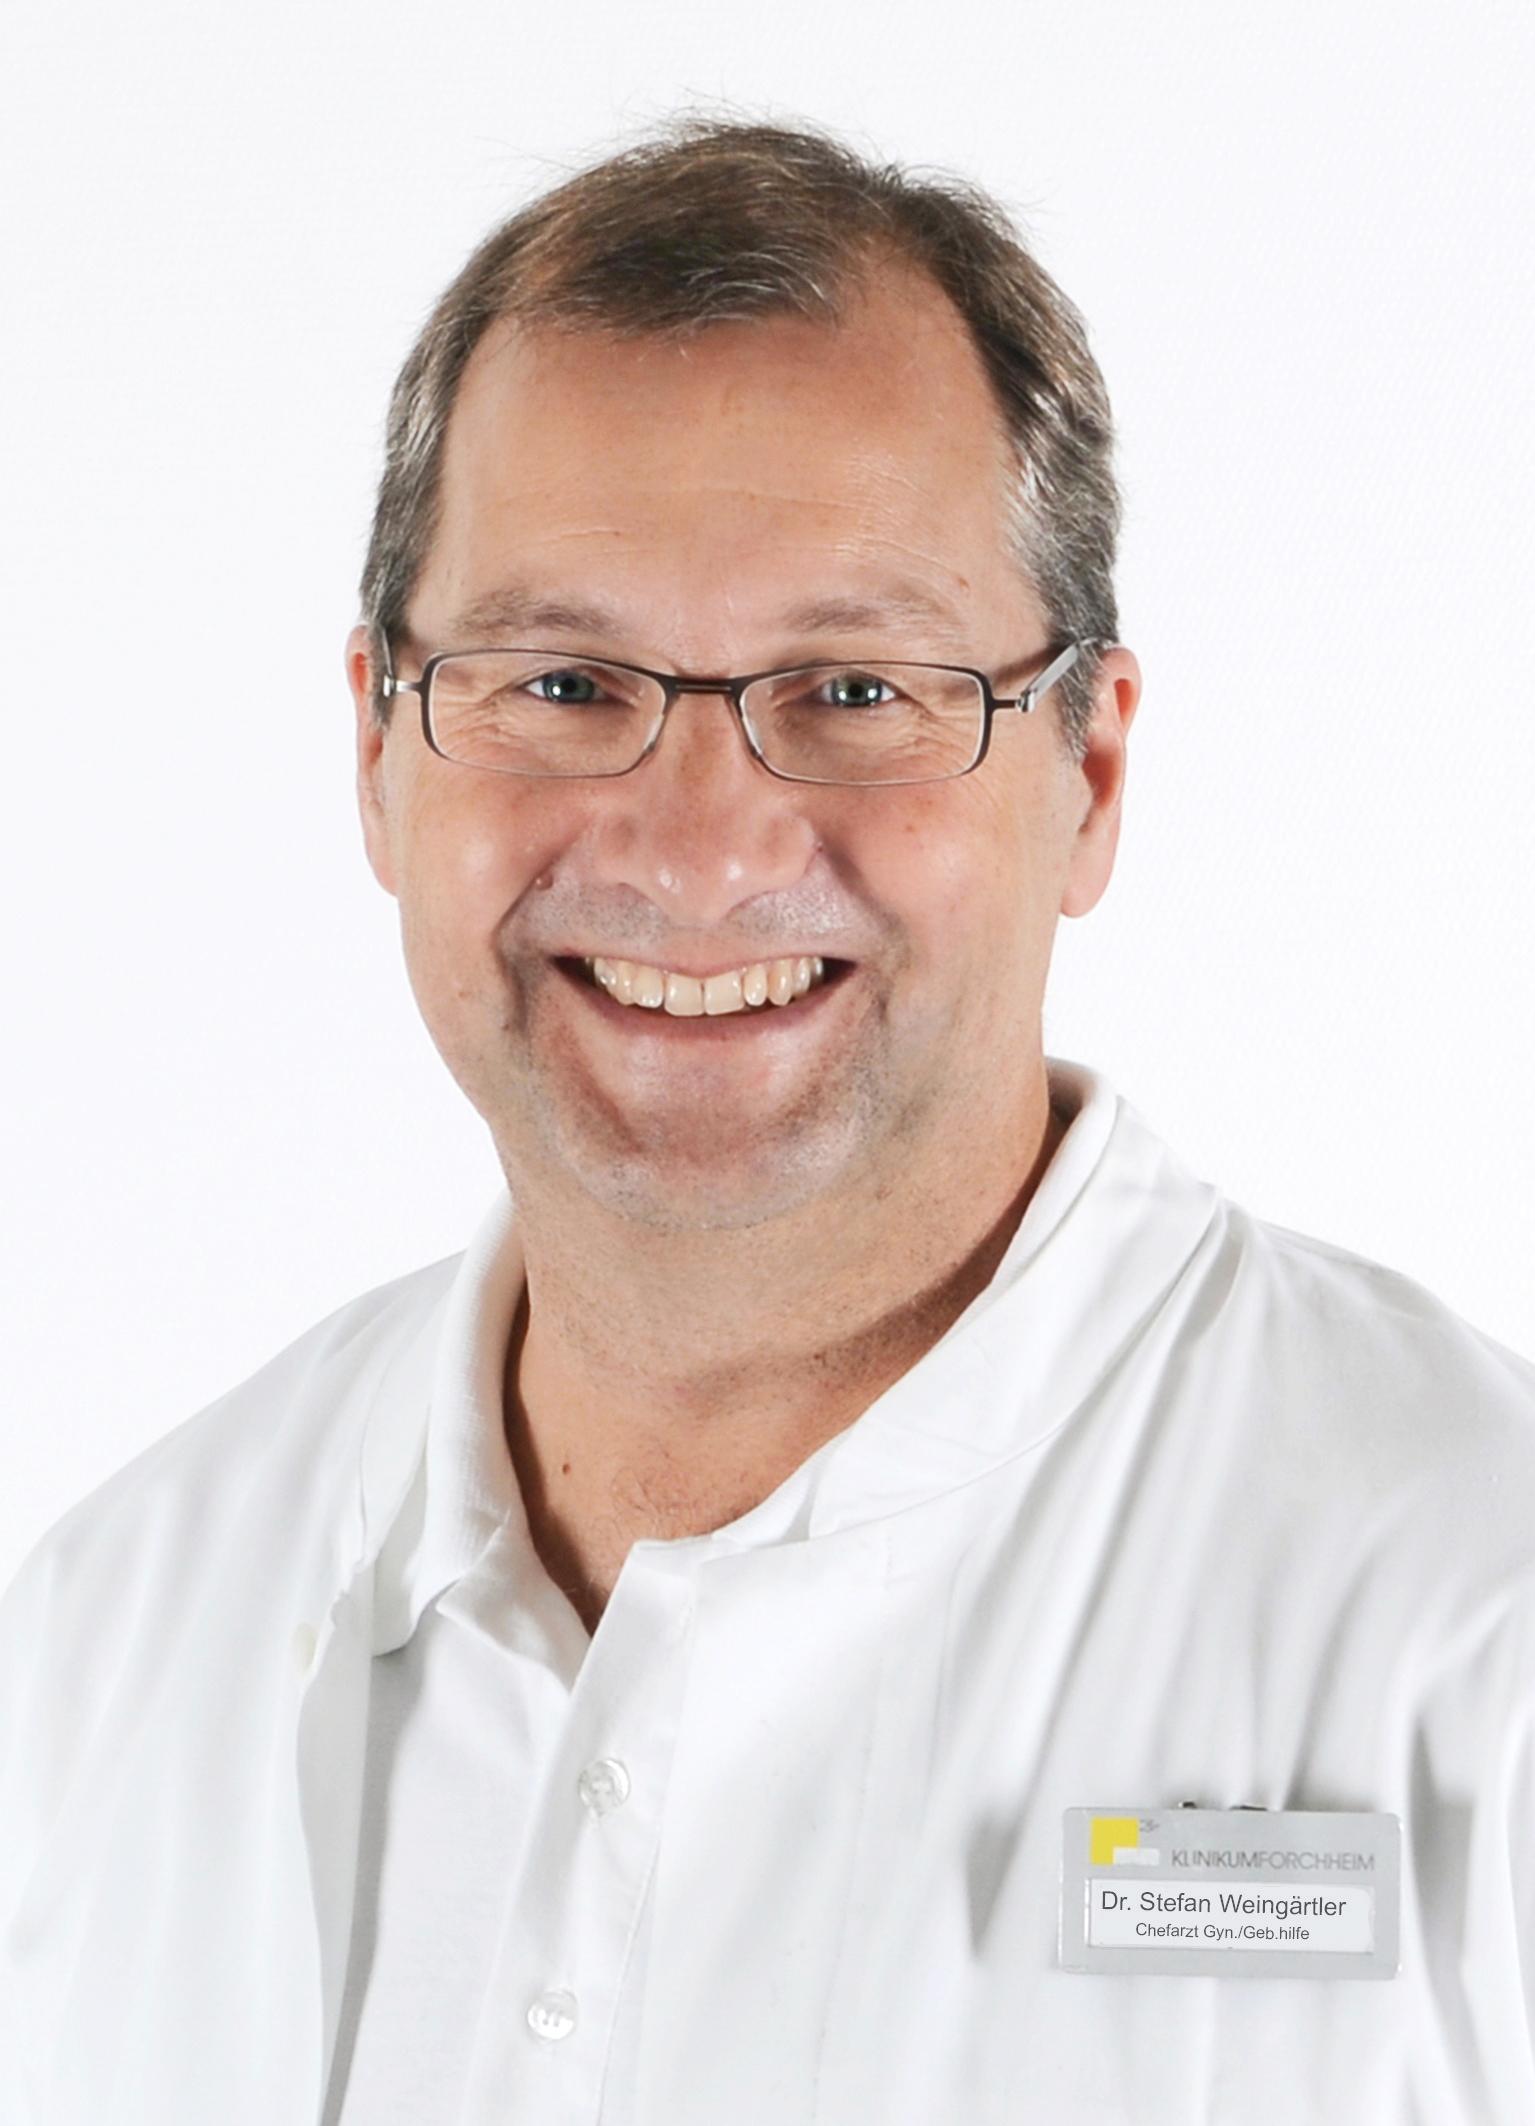 Dr. Stefan Weingärtler